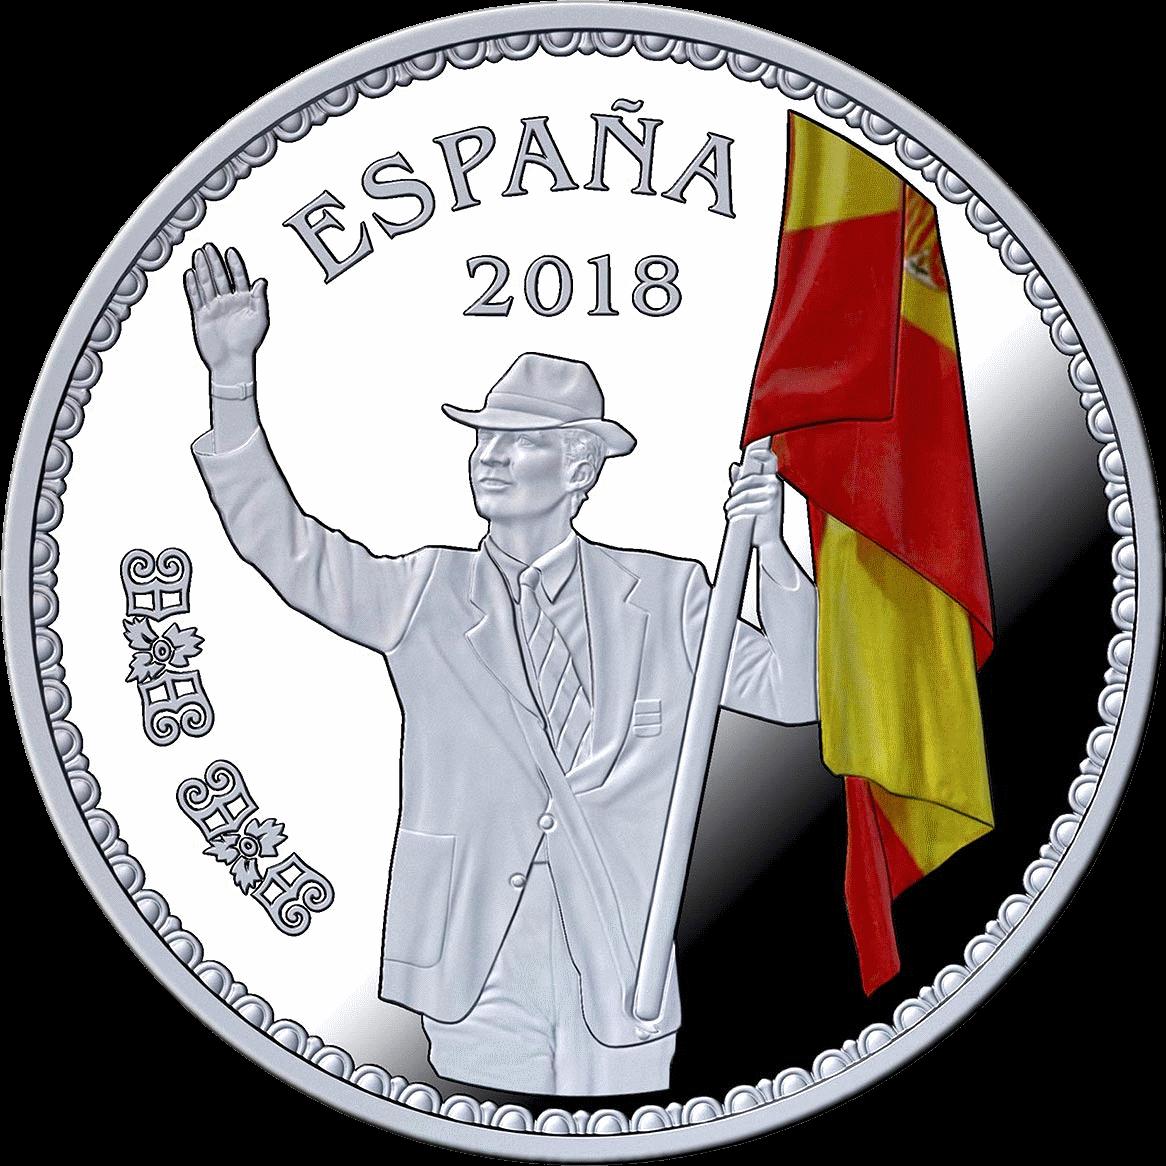 Испания монета 10 евро принц Филипп знаменосец сборной Испании на открытии Олимпиады 25 июля 1992 года в Барселоне, реверс